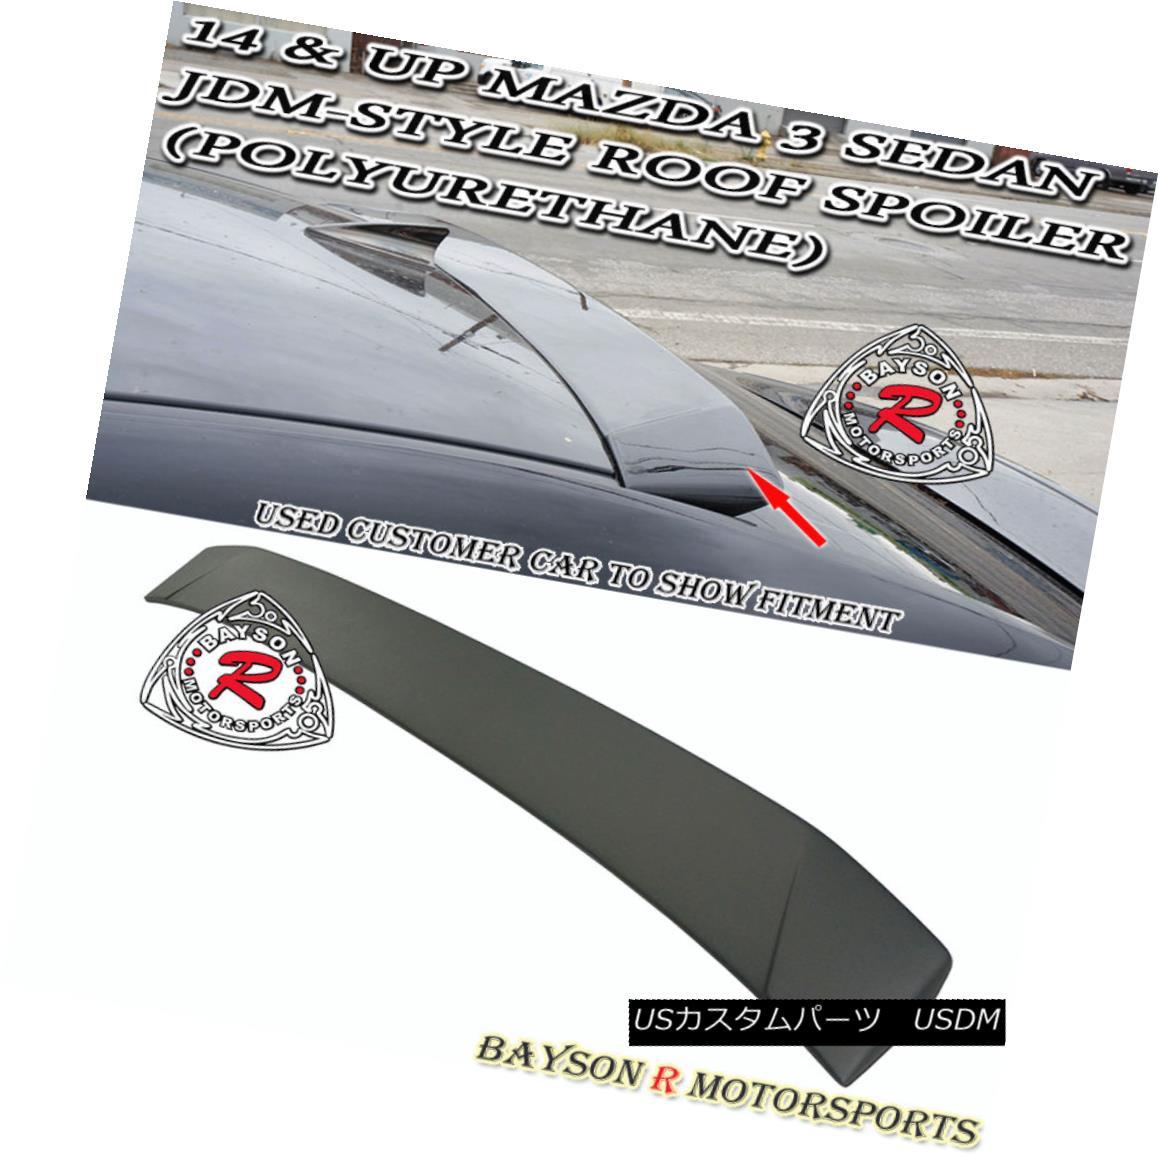 エアロパーツ JDM-Style Rear Roof Spoiler Wing (Urethane) Fits 14-18 Mazda 3 Sedan 4dr JDMスタイルのリアルーフスポイラーウイング(ウレタン)14-18マツダ3セダン4dr